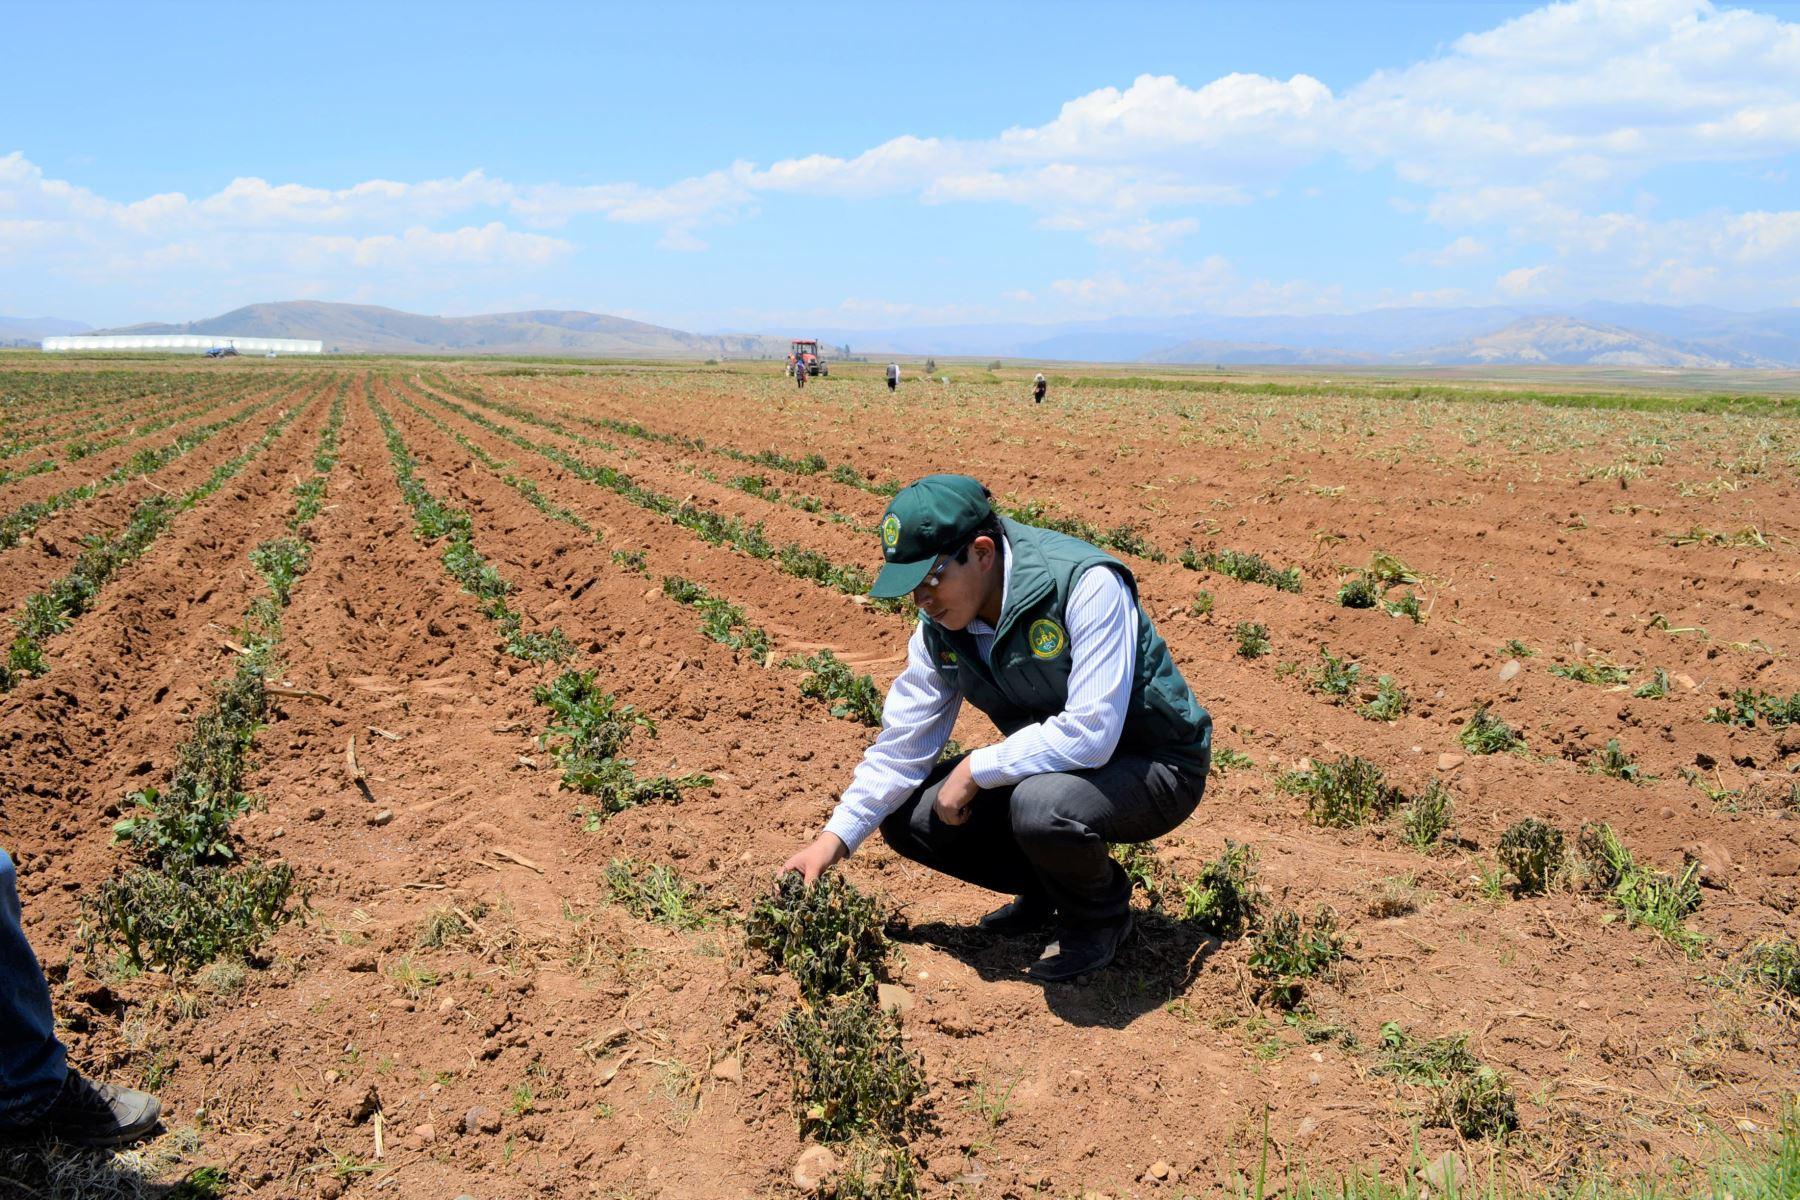 fae-agro-coloco-s20-millones-a-tasas-promedio-de-625-en-primera-subasta